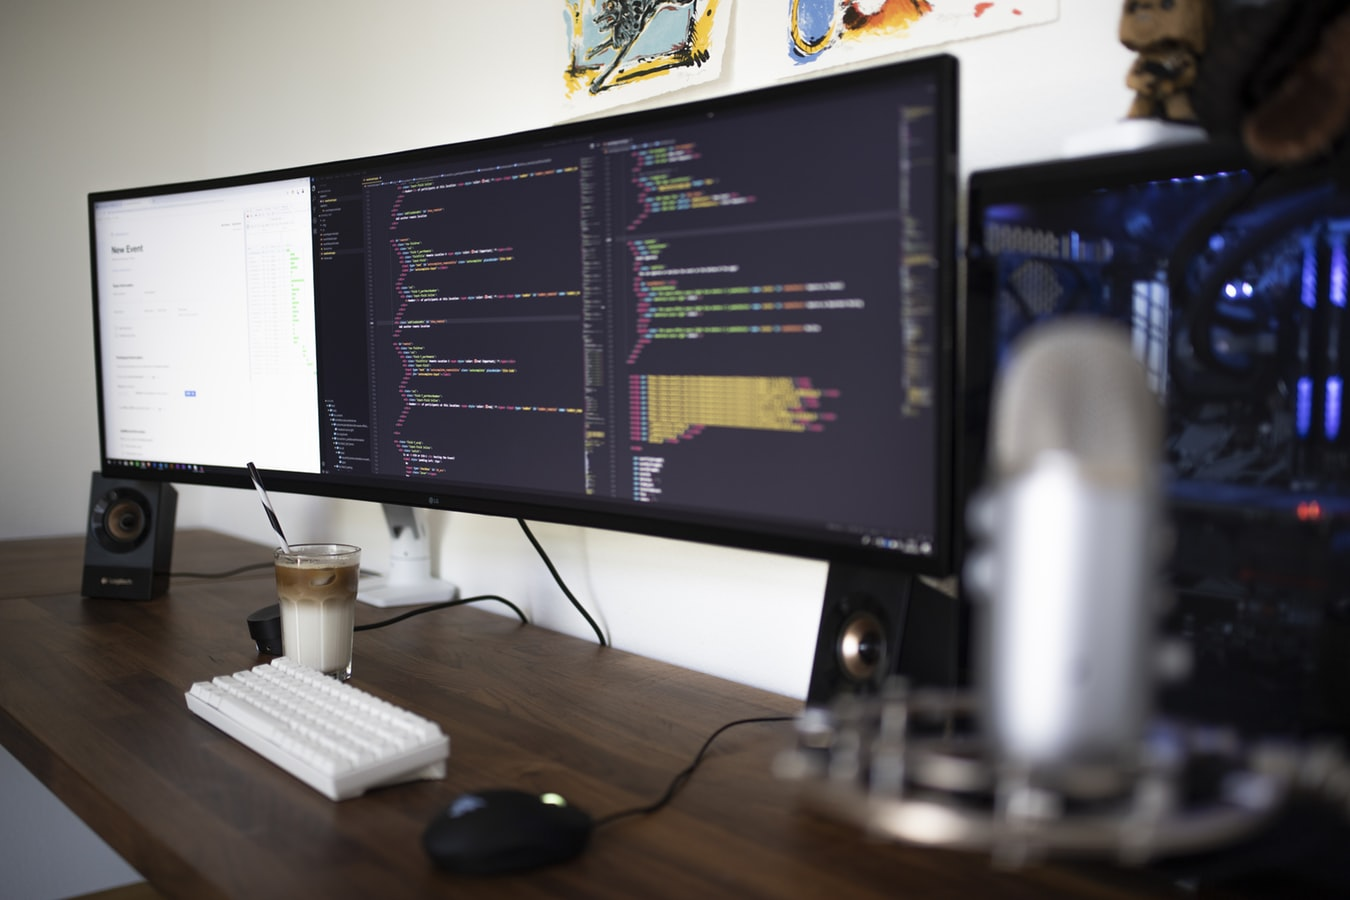 Les ordinateurs concourent efficacement au développement